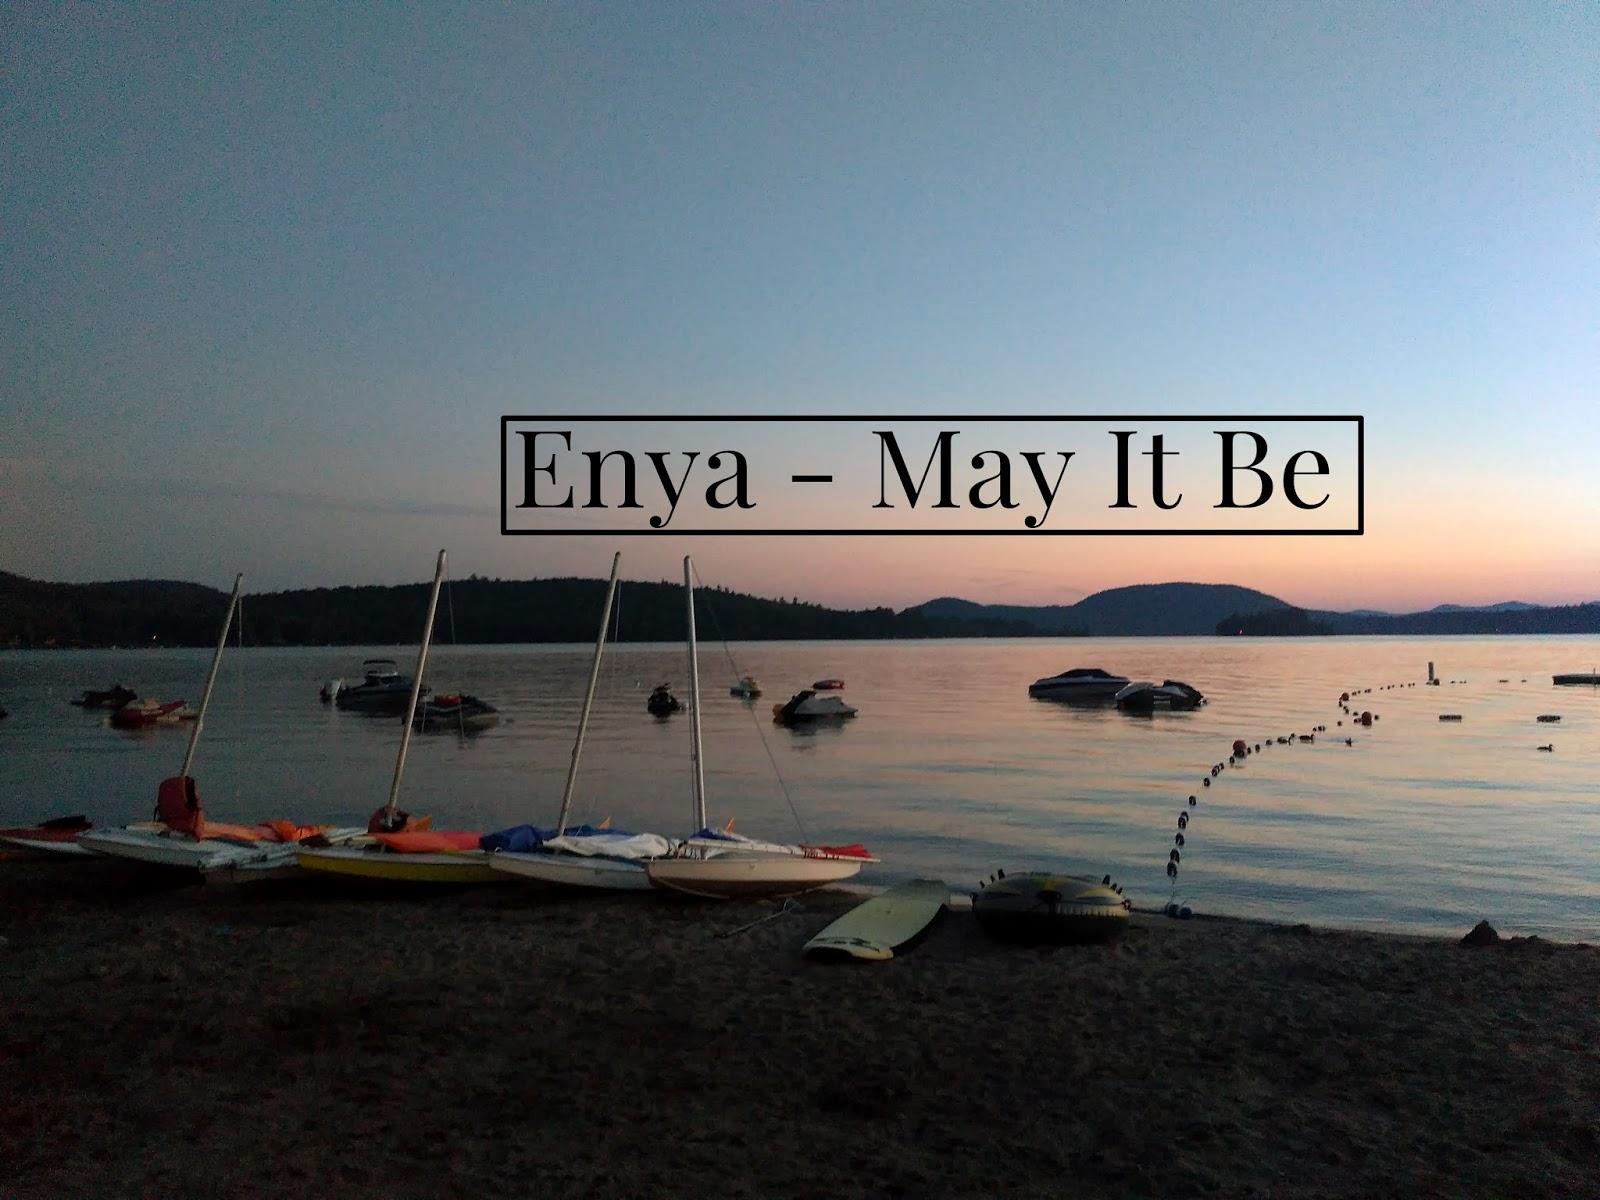 Enya, najpiękniejsze piosenki Enya, muzyka odpowiednia do zrelaksowania się, natura